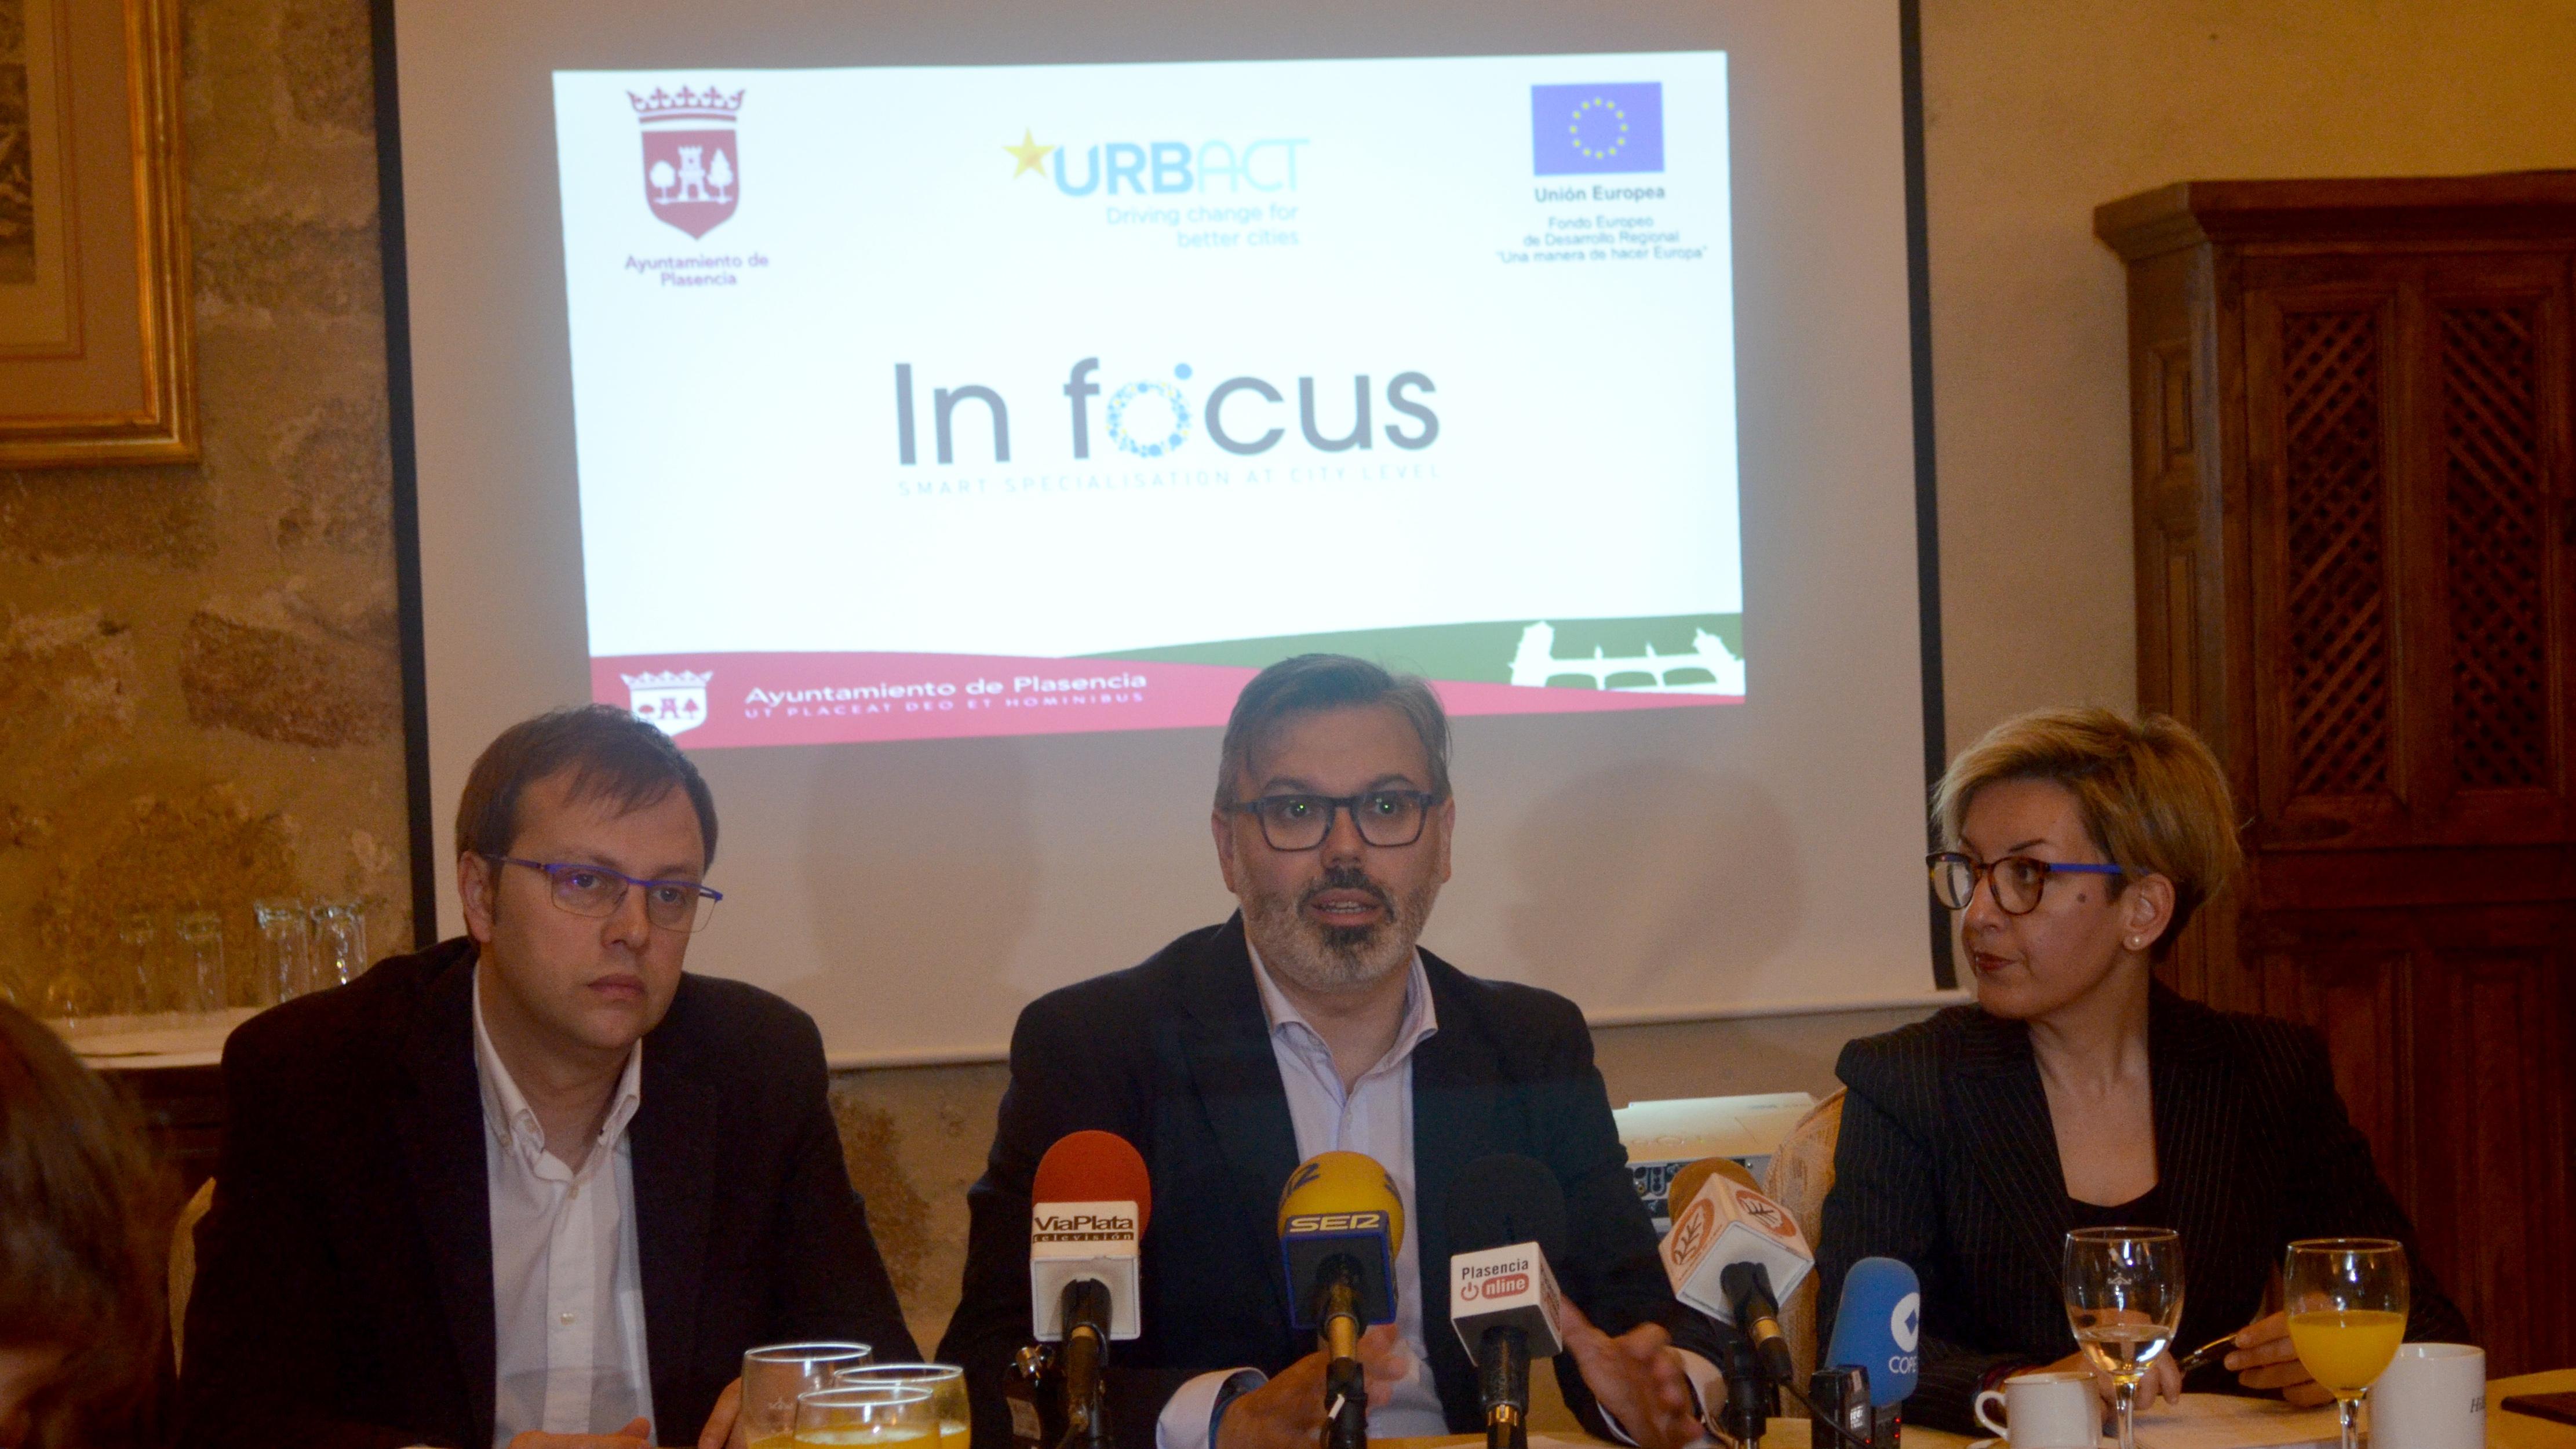 Plasencia pone al alcance de los ciudadanos el Plan de Acción Integrado, resultado de su trabajo en la red IN FOCUS-URBACT